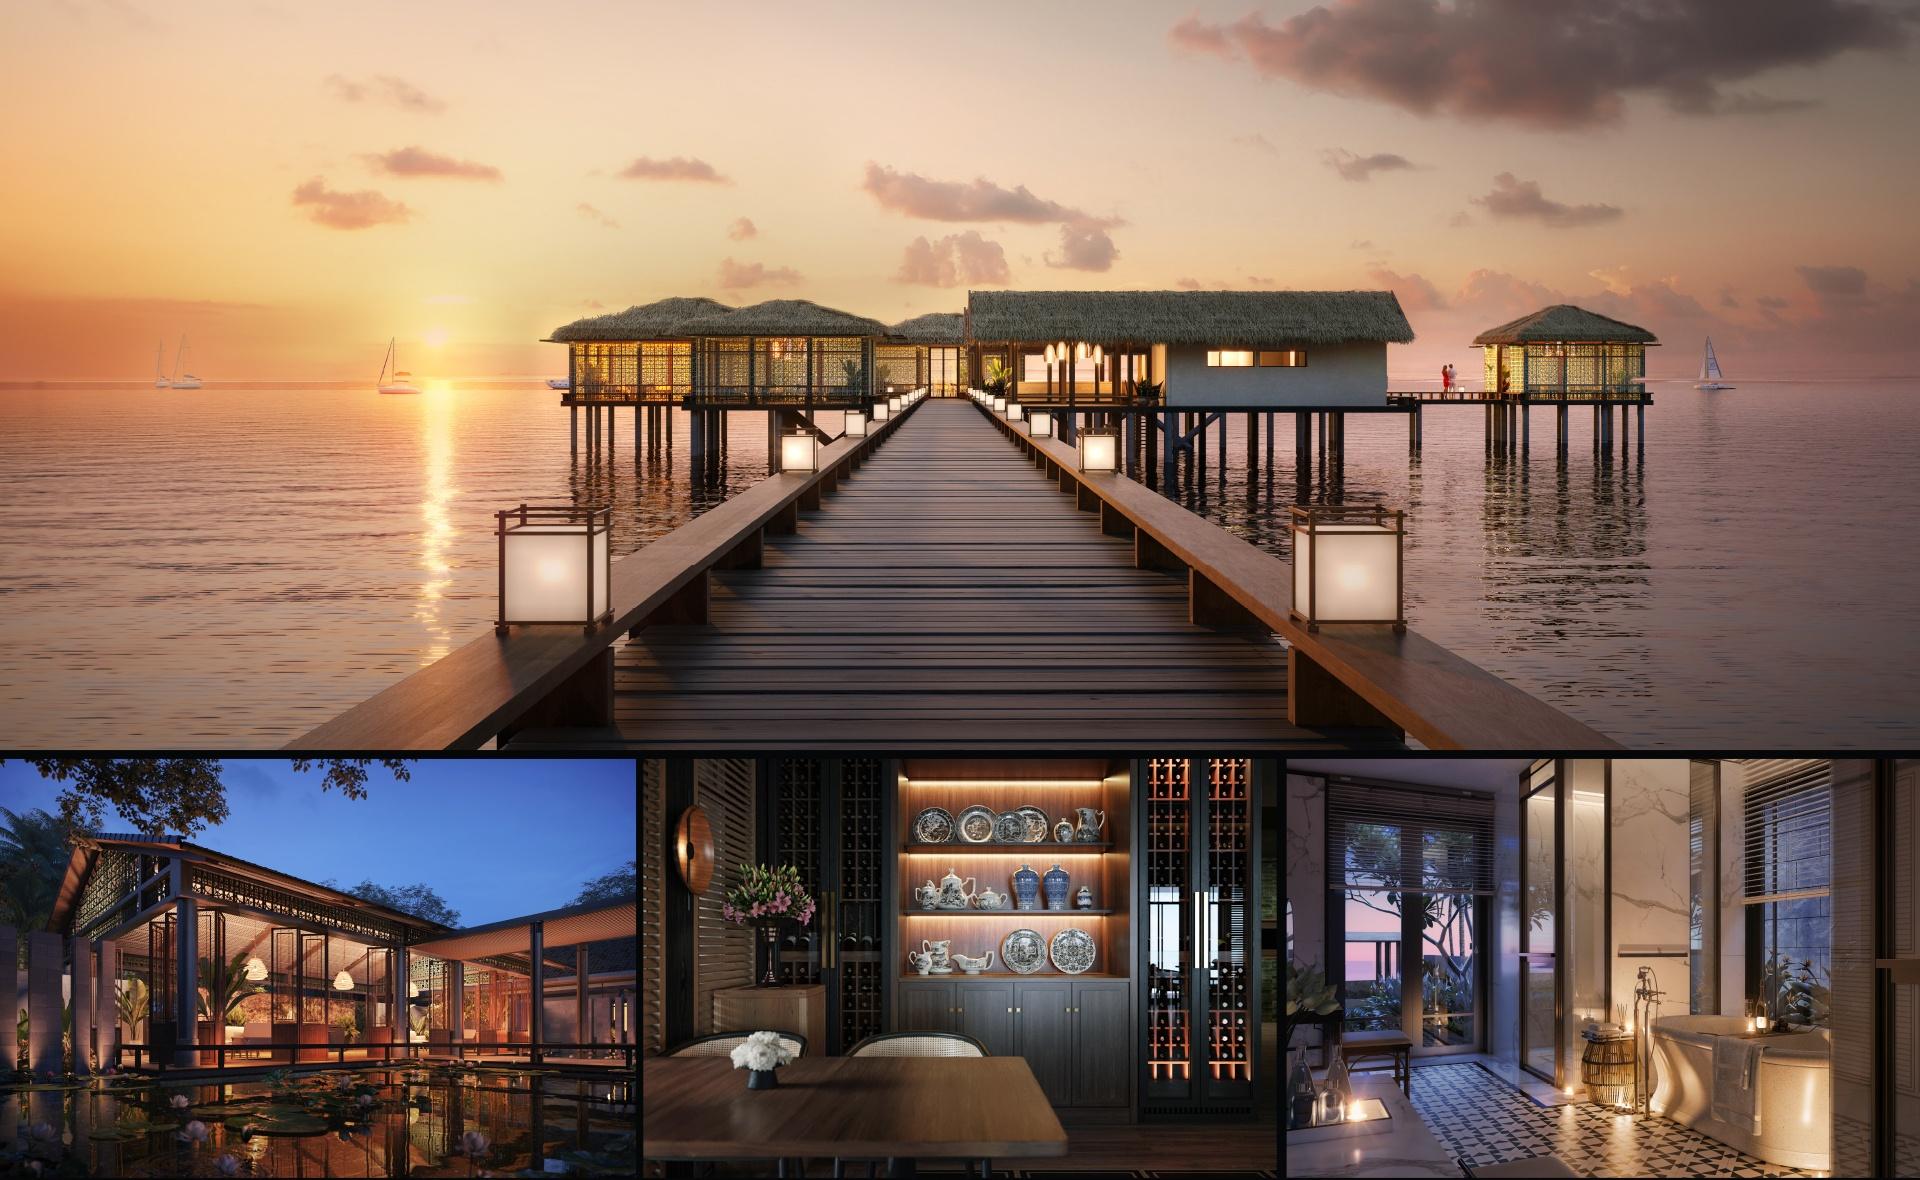 - zing2_c_m_nh - 'Chưa dự án nào được thiết kế ánh sáng như Park Hyatt Phu Quoc'